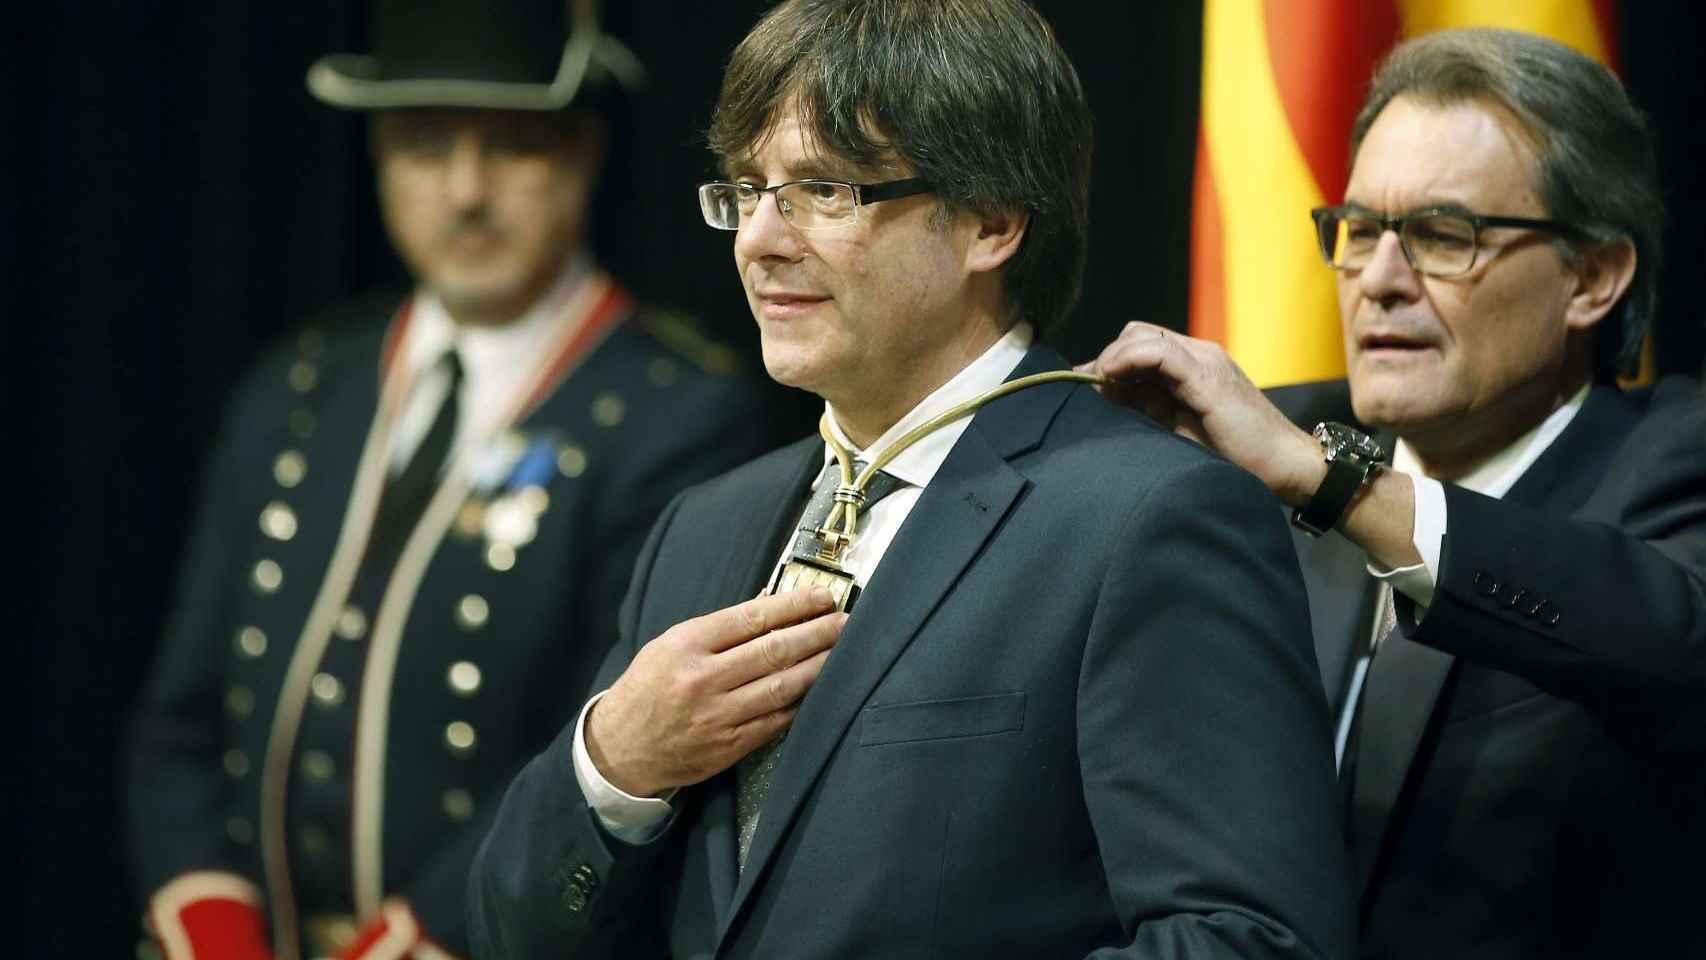 Artur Mas impone la medalla representativa de presidente a Carles Puigdemont.